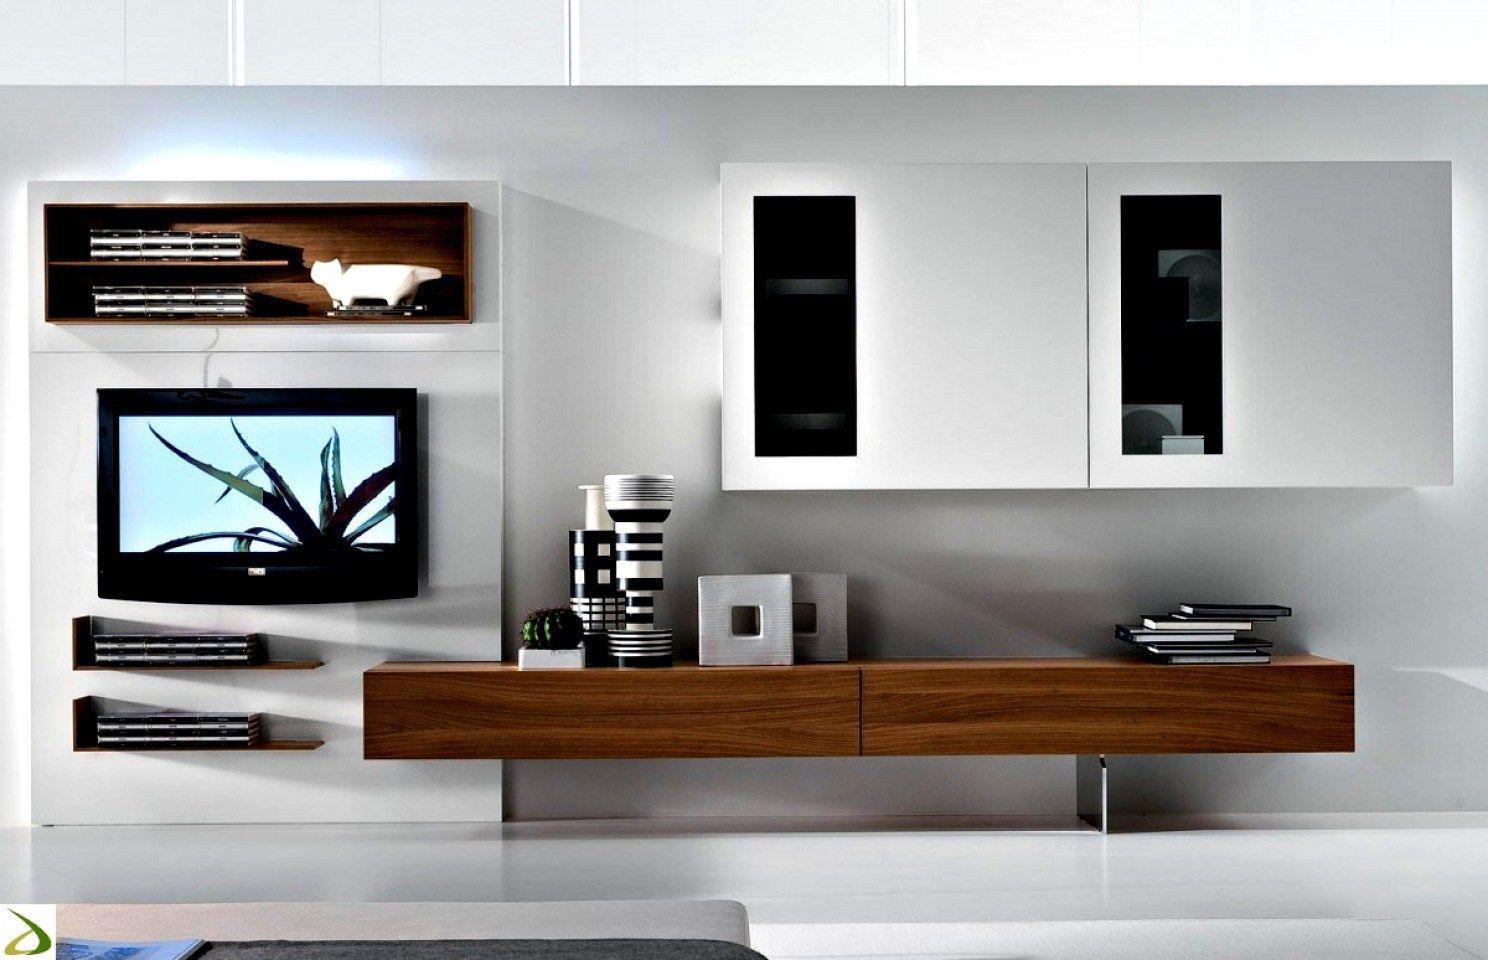 armadio guardaroba in soggiorno - Ricerca Google | Mobili ...